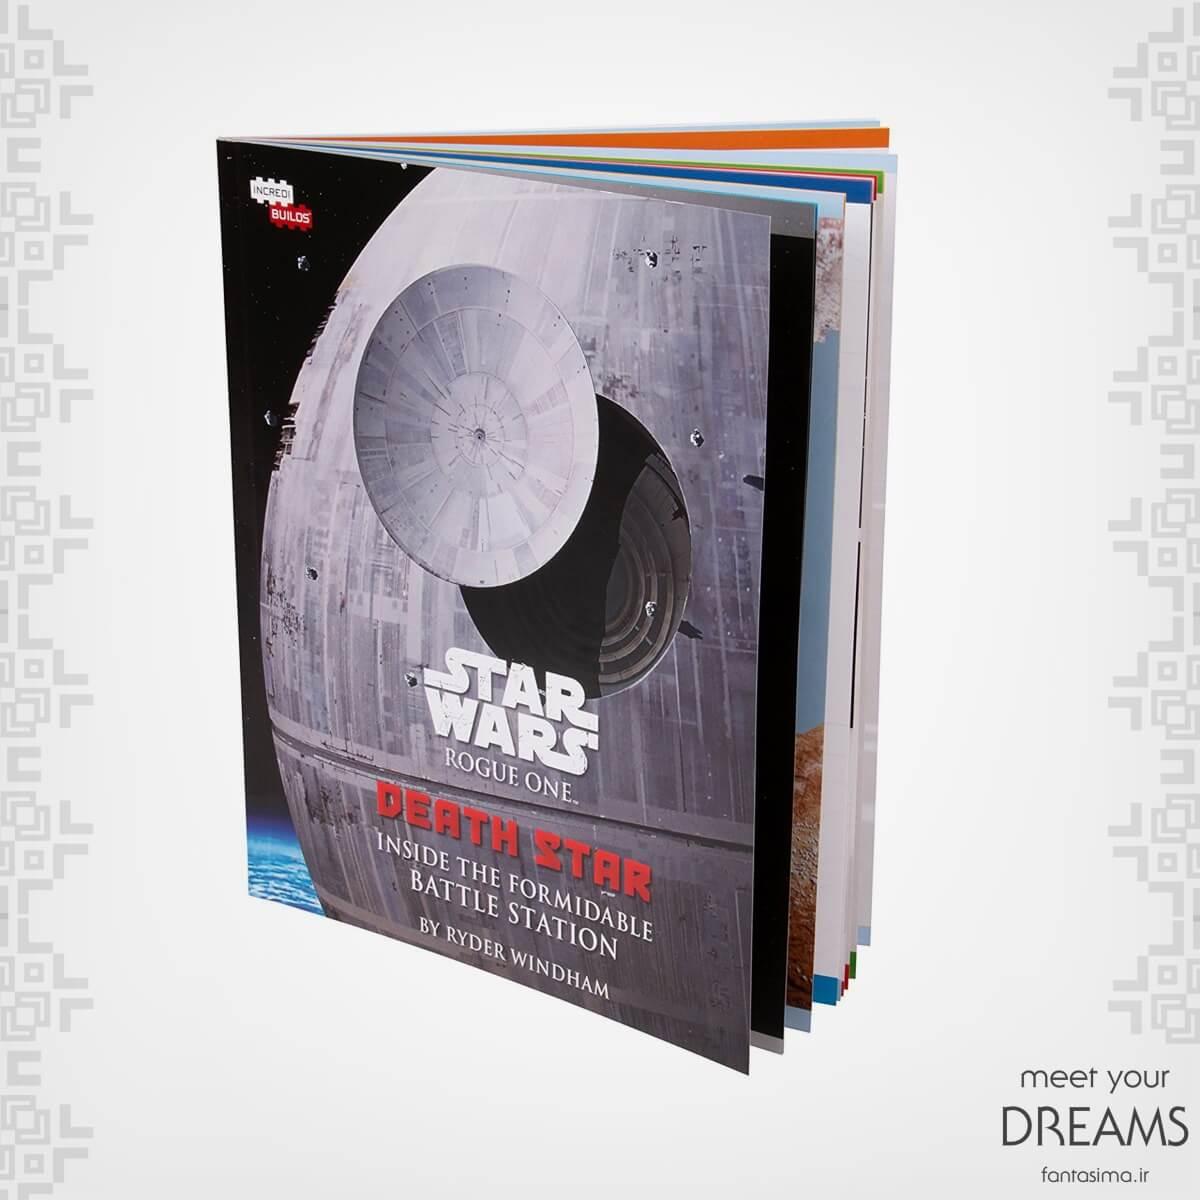 جنگ ستارگان - ست مدل و راهنمای دث استار